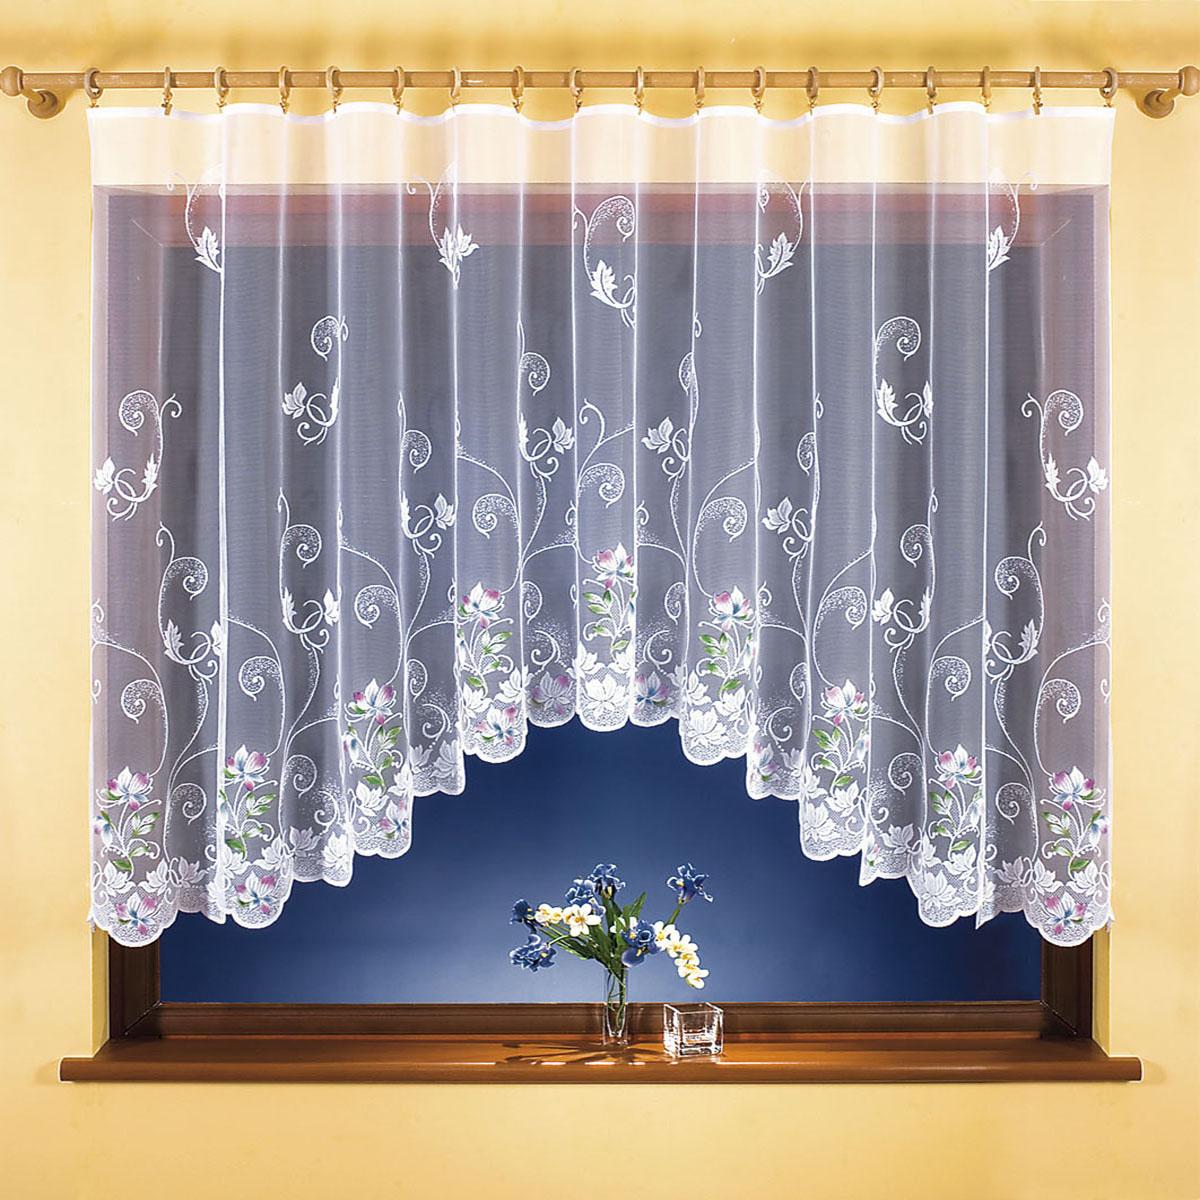 Штора для кухни Wisan, на ленте, цвет: белый, высота 150 см. 9832K100Штора Wisan, выполненная из легкого полупрозрачного полиэстера белого цвета, станет великолепным украшением кухонного окна. Изделие имеет ассиметричную длину и красивый цветочный рисунок по всей поверхности полотна. Качественный материал и оригинальный дизайн привлекут к себе внимание и позволят шторе органично вписаться в интерьер помещения. Штора оснащена шторной лентой под зажимы для крепления на карниз.